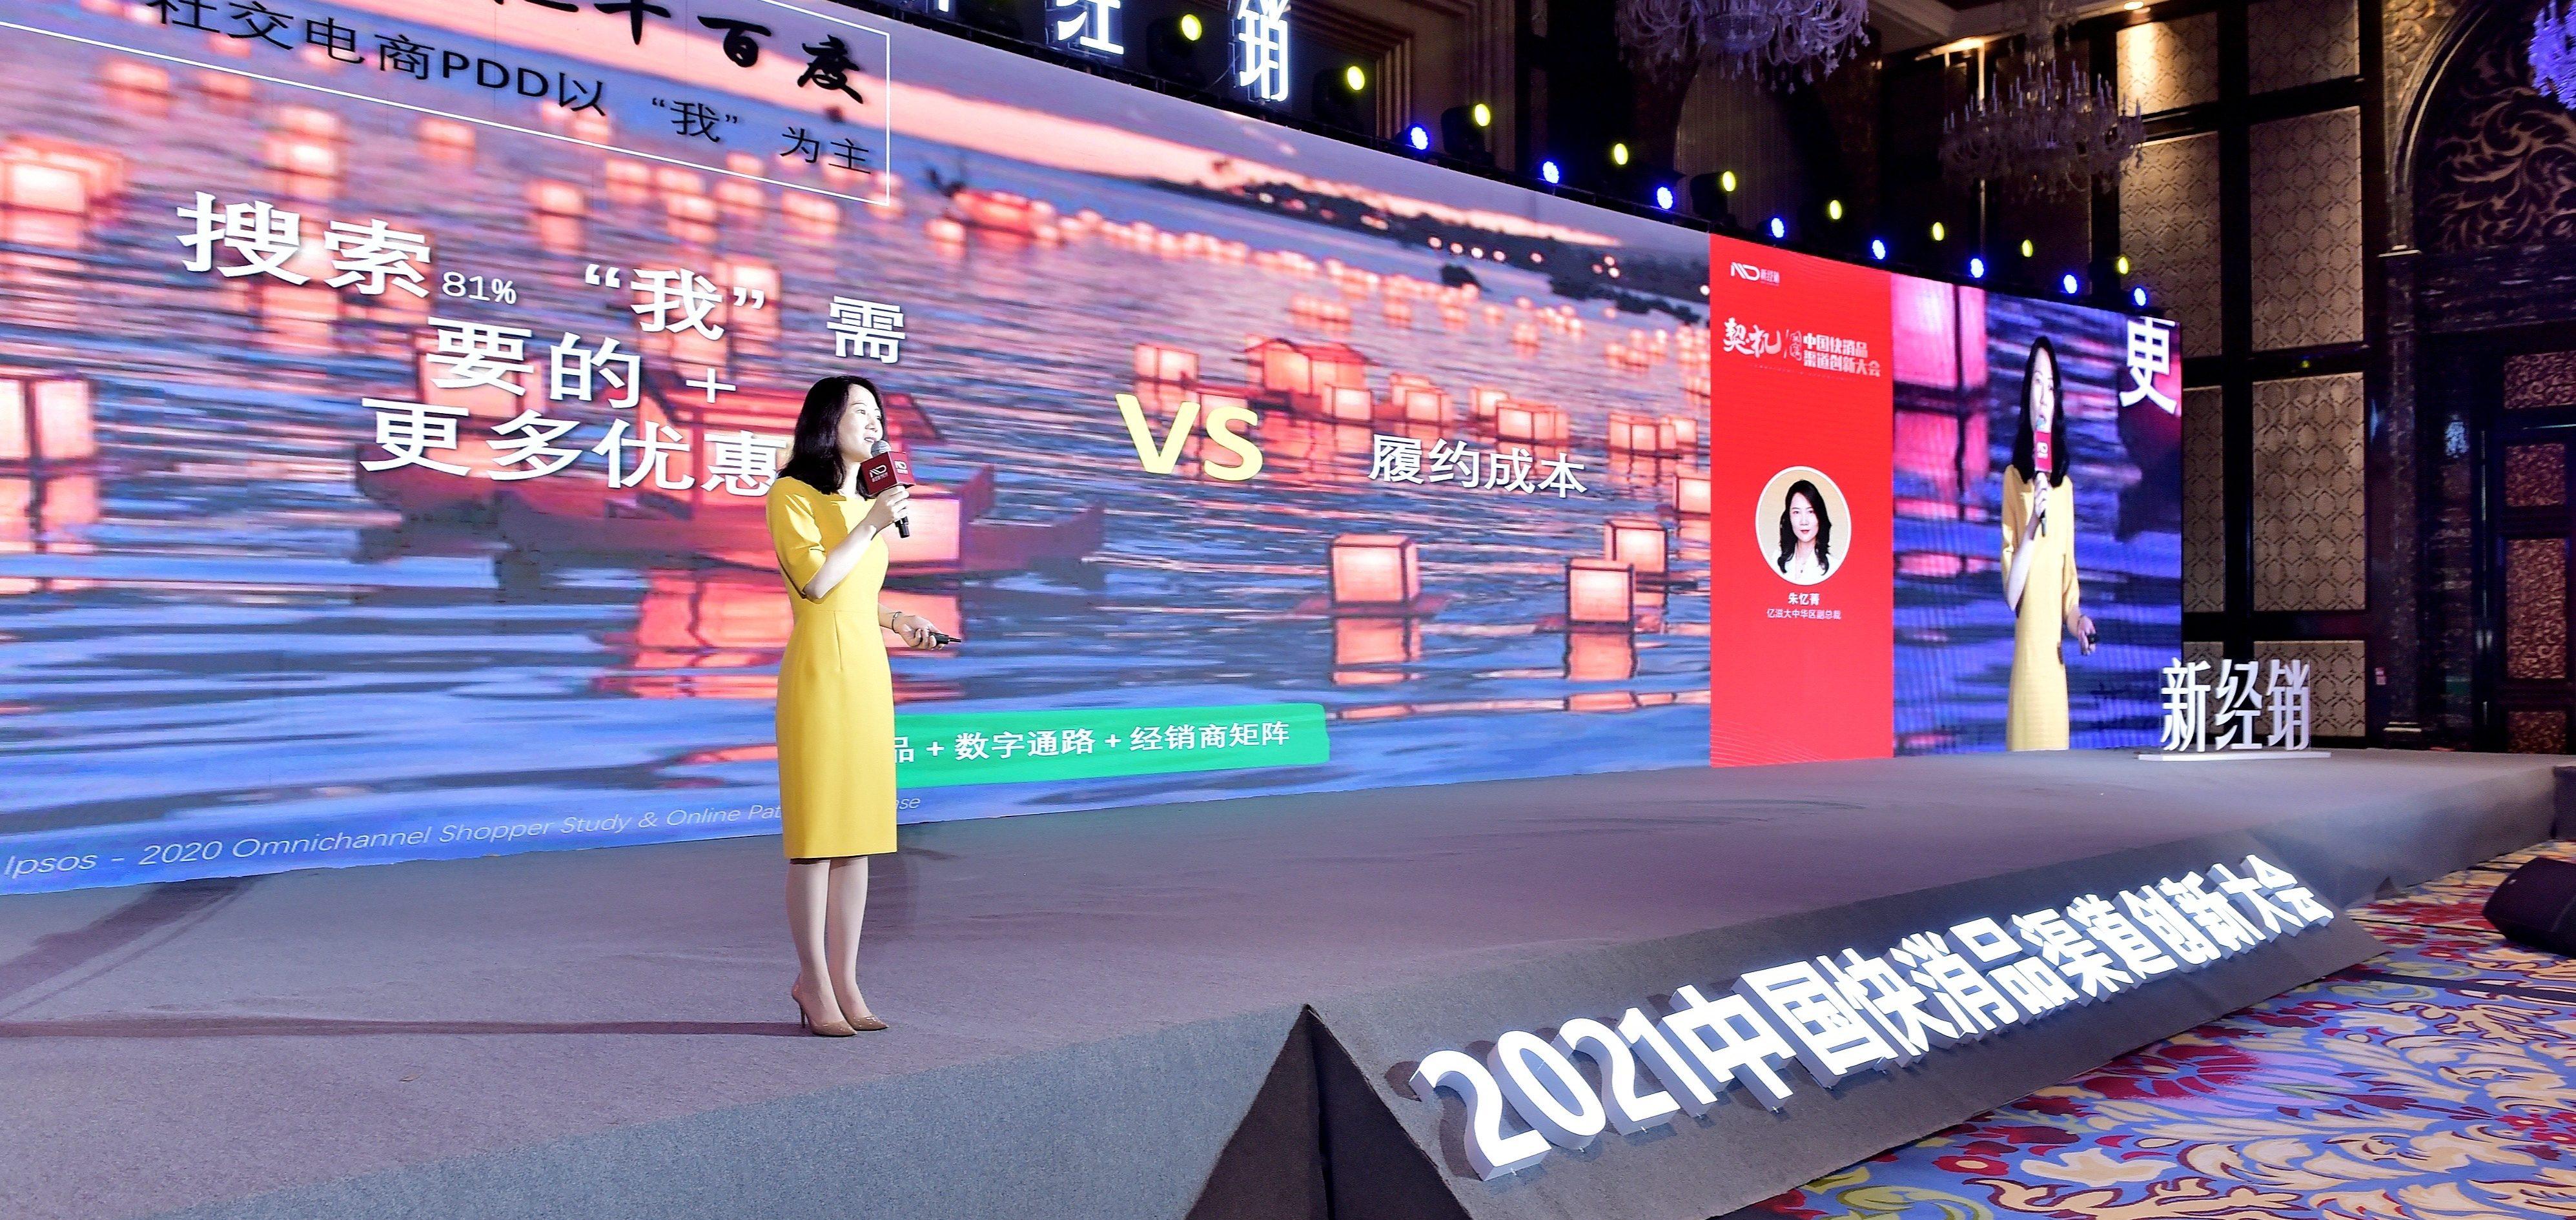 亿滋大中华区副总裁朱忆菁:便宜不是消费者一直选择你的理由